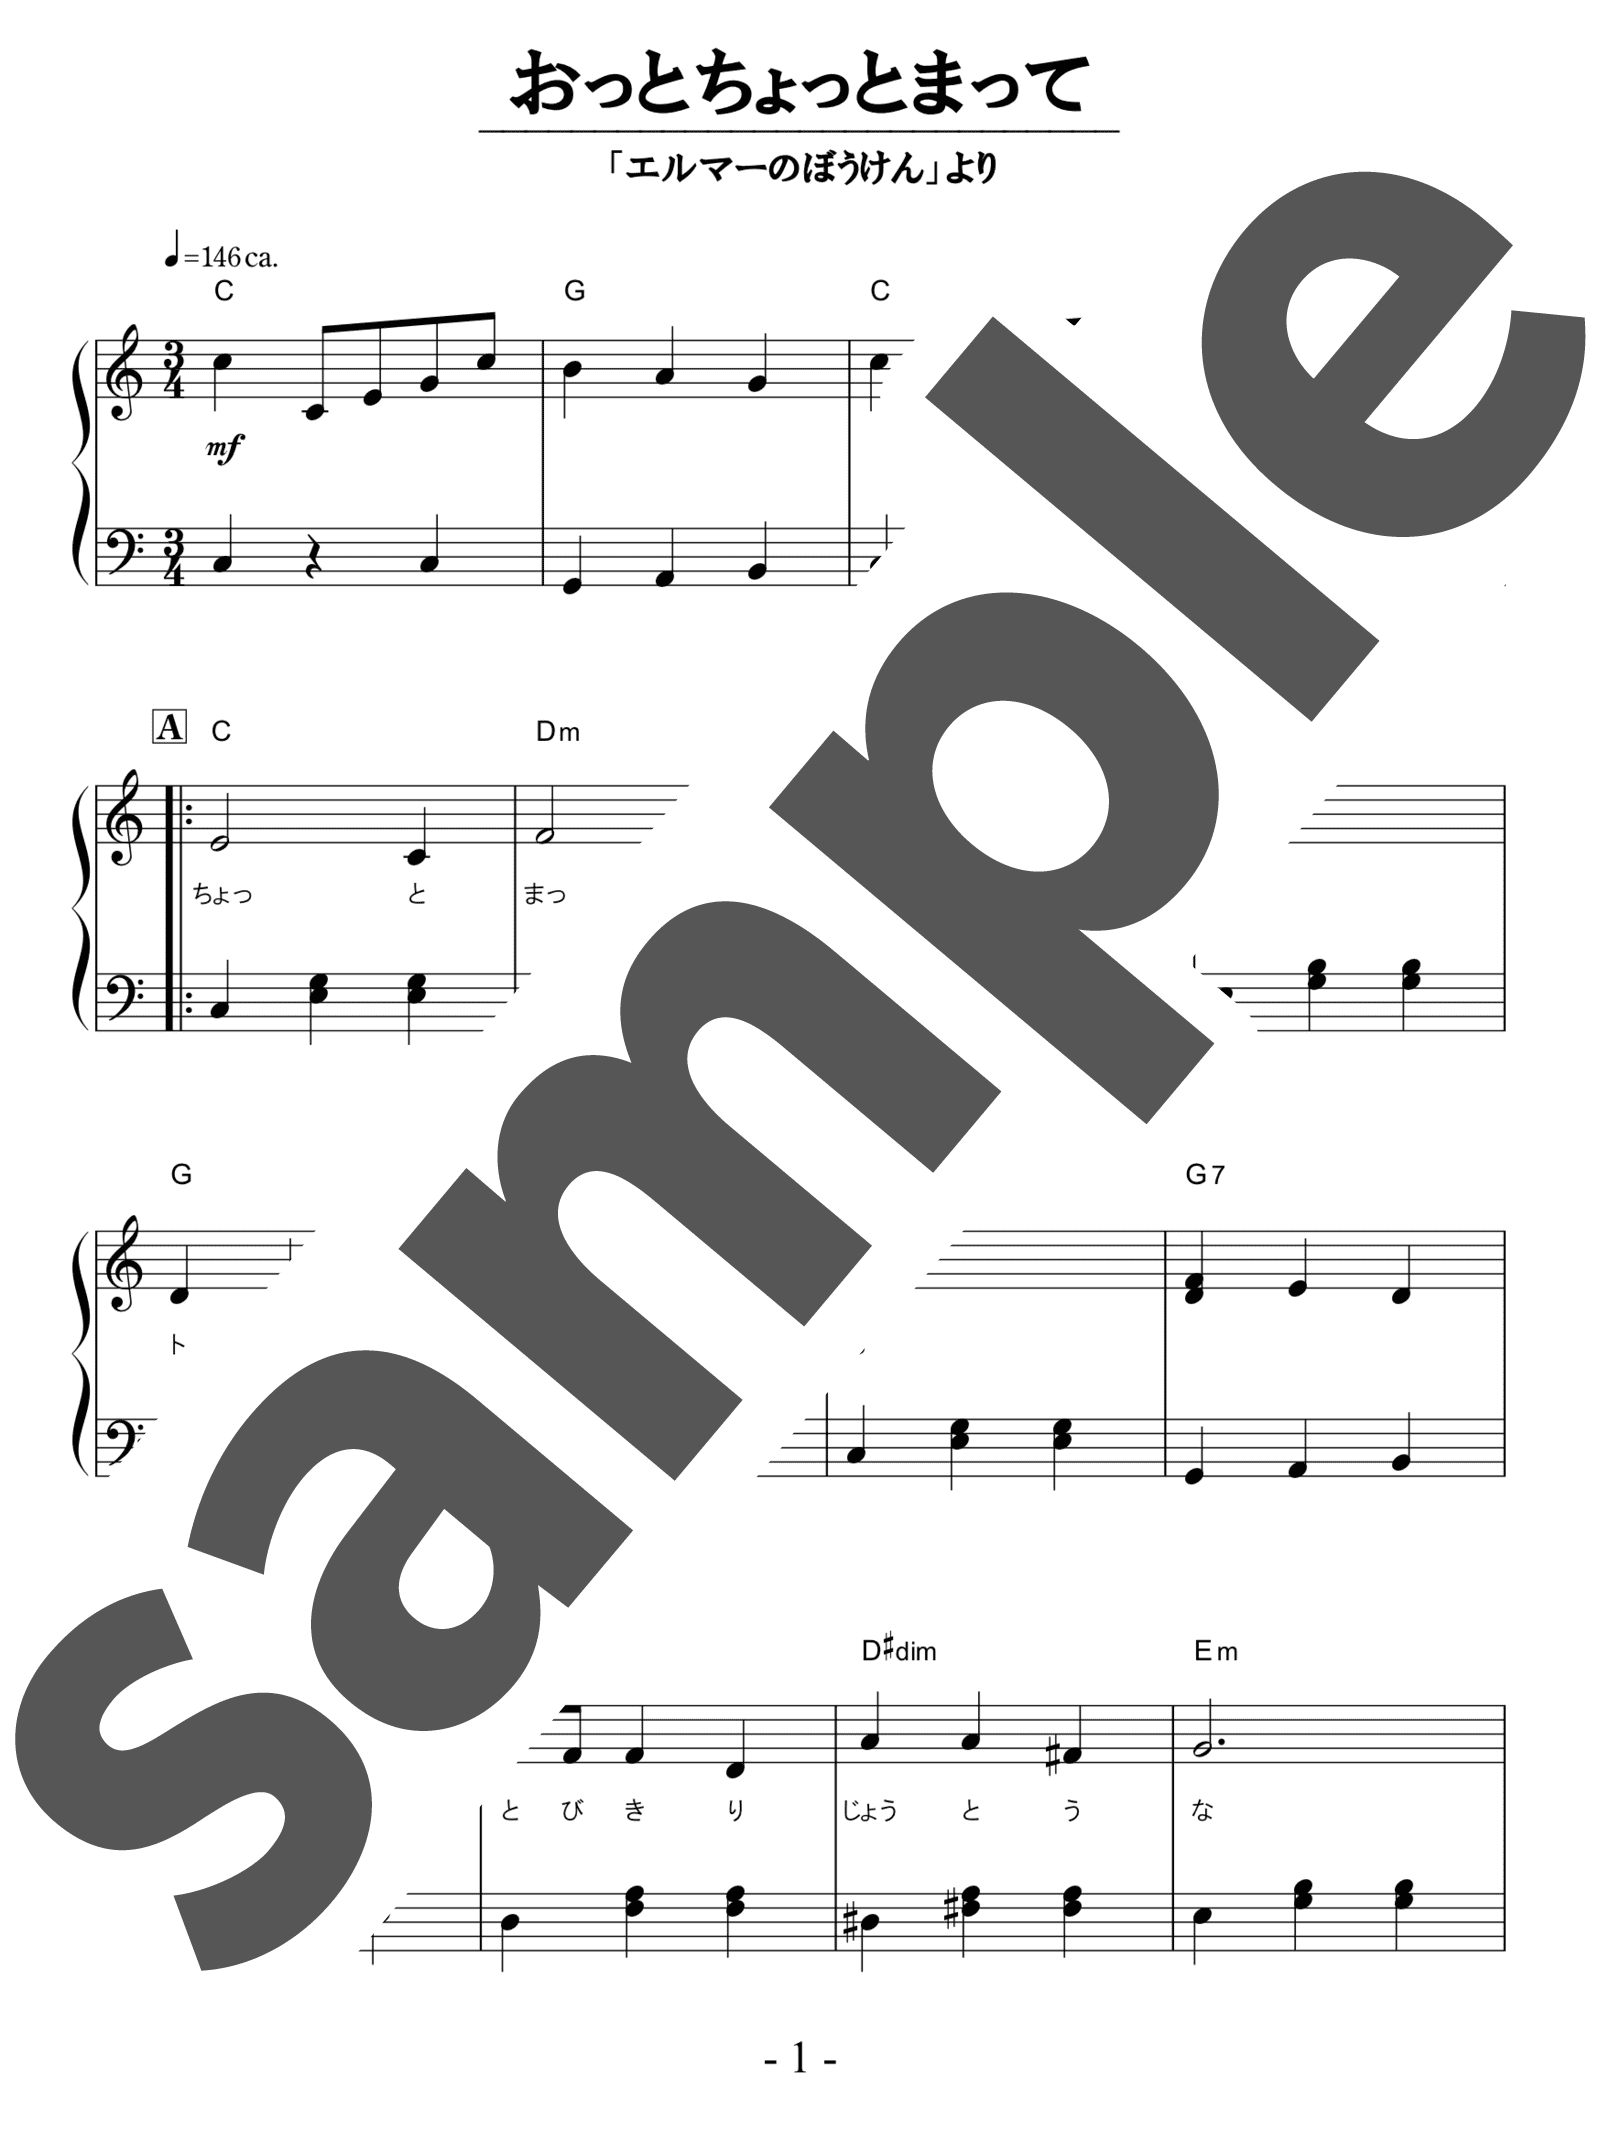 「おっとちょっとまって」のサンプル楽譜